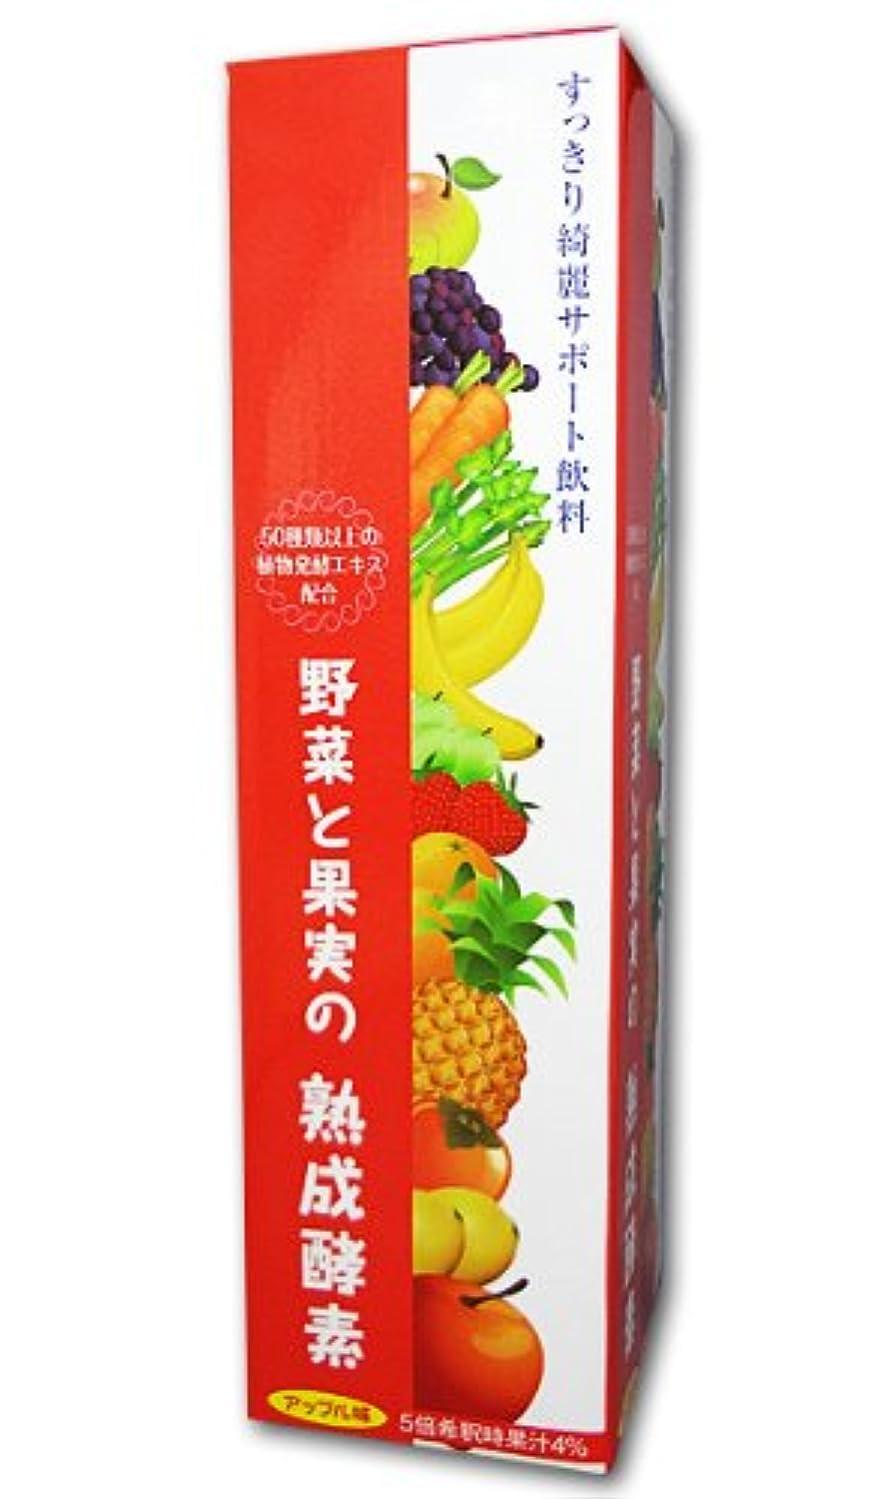 ホールドオールハム支払うリケン 野菜と果実の熟成酵素 720ml